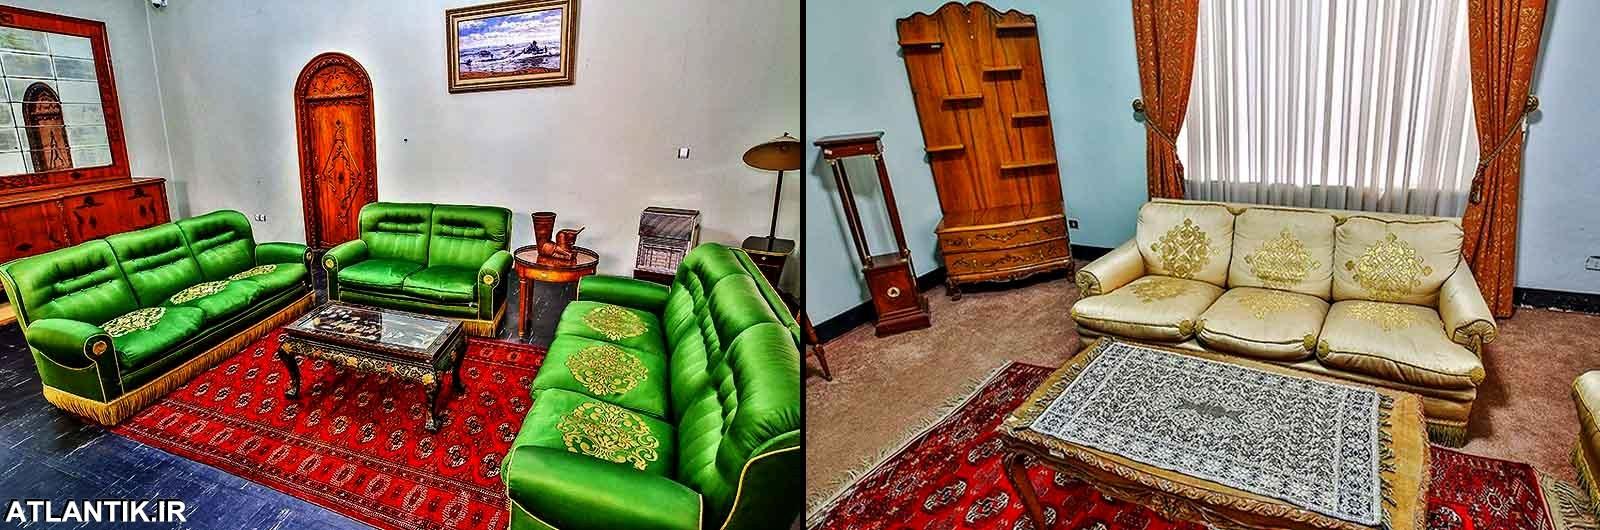 کاخ موزه گرگان، مرکز فرهنگی شهر گرگان، استان گلستان، کاخ اختصاصی گرگان، کاخ سلطنتی گرگان